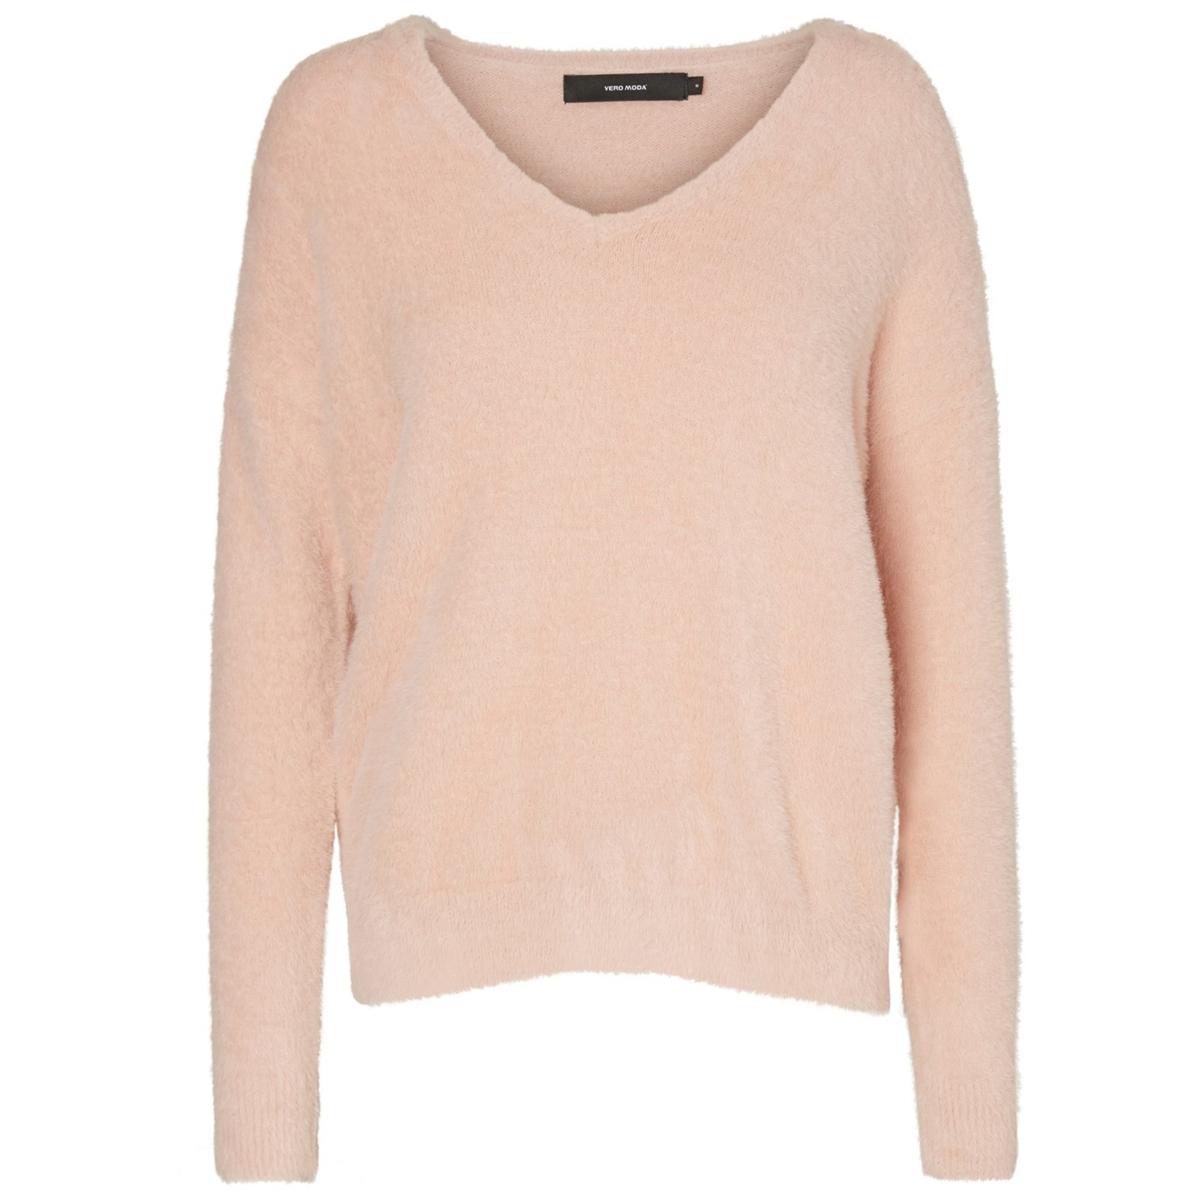 Пуловер с V-образным вырезом из тонкого трикотажа трикотаж other v ro moda